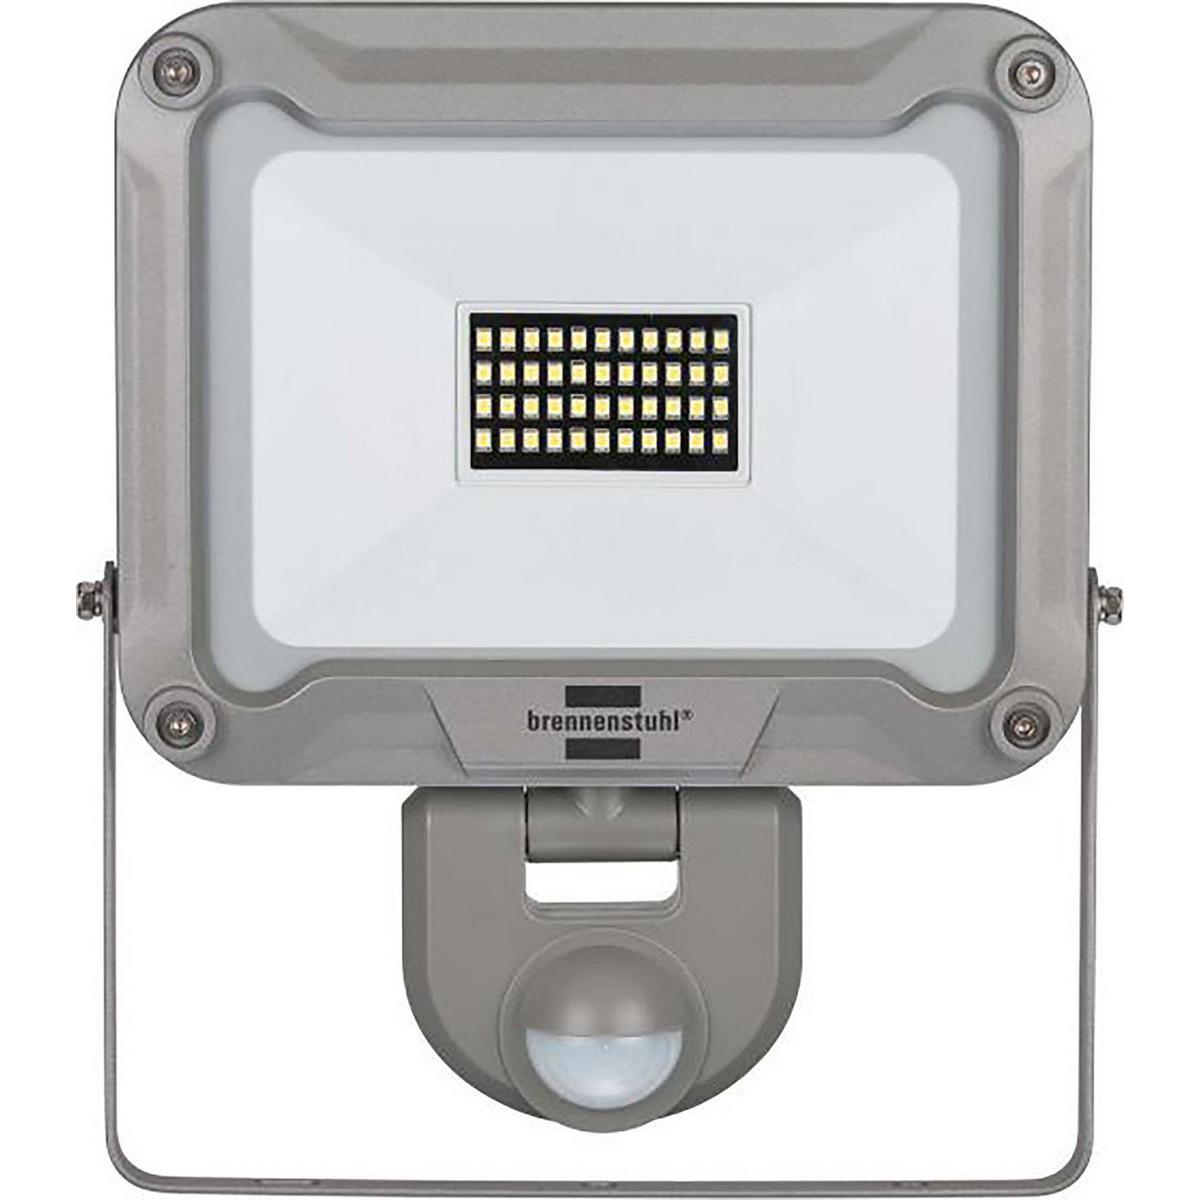 Foco LED delgado L DN 5630 FL PIR IP 54. Para montaje en exteriores e interiores, foco LED IP 54 con 56 LED SMS ultrabrillantes Ideal para iluminación automática de entradas, entradas de vehículos o cocheras, así como para disuadir contra robos y robos Al